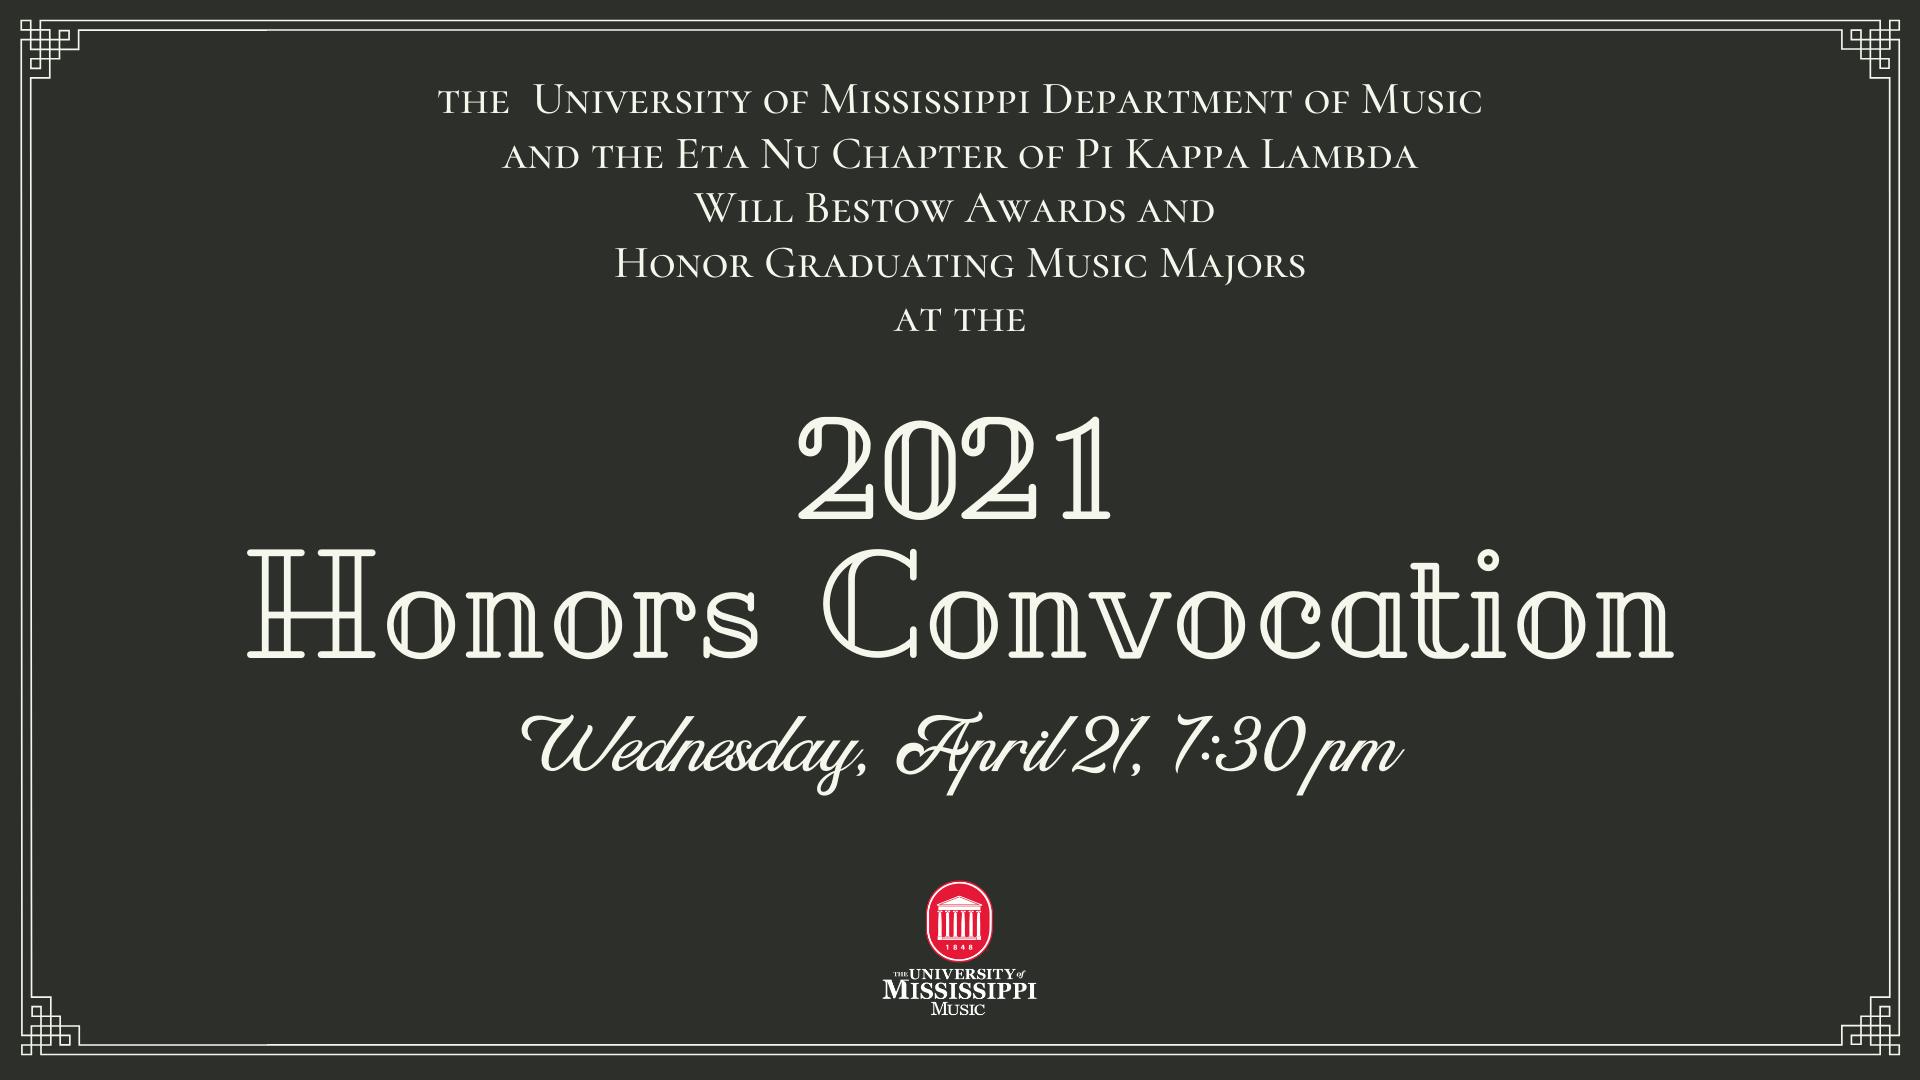 Convocation Invitation 2021 pres